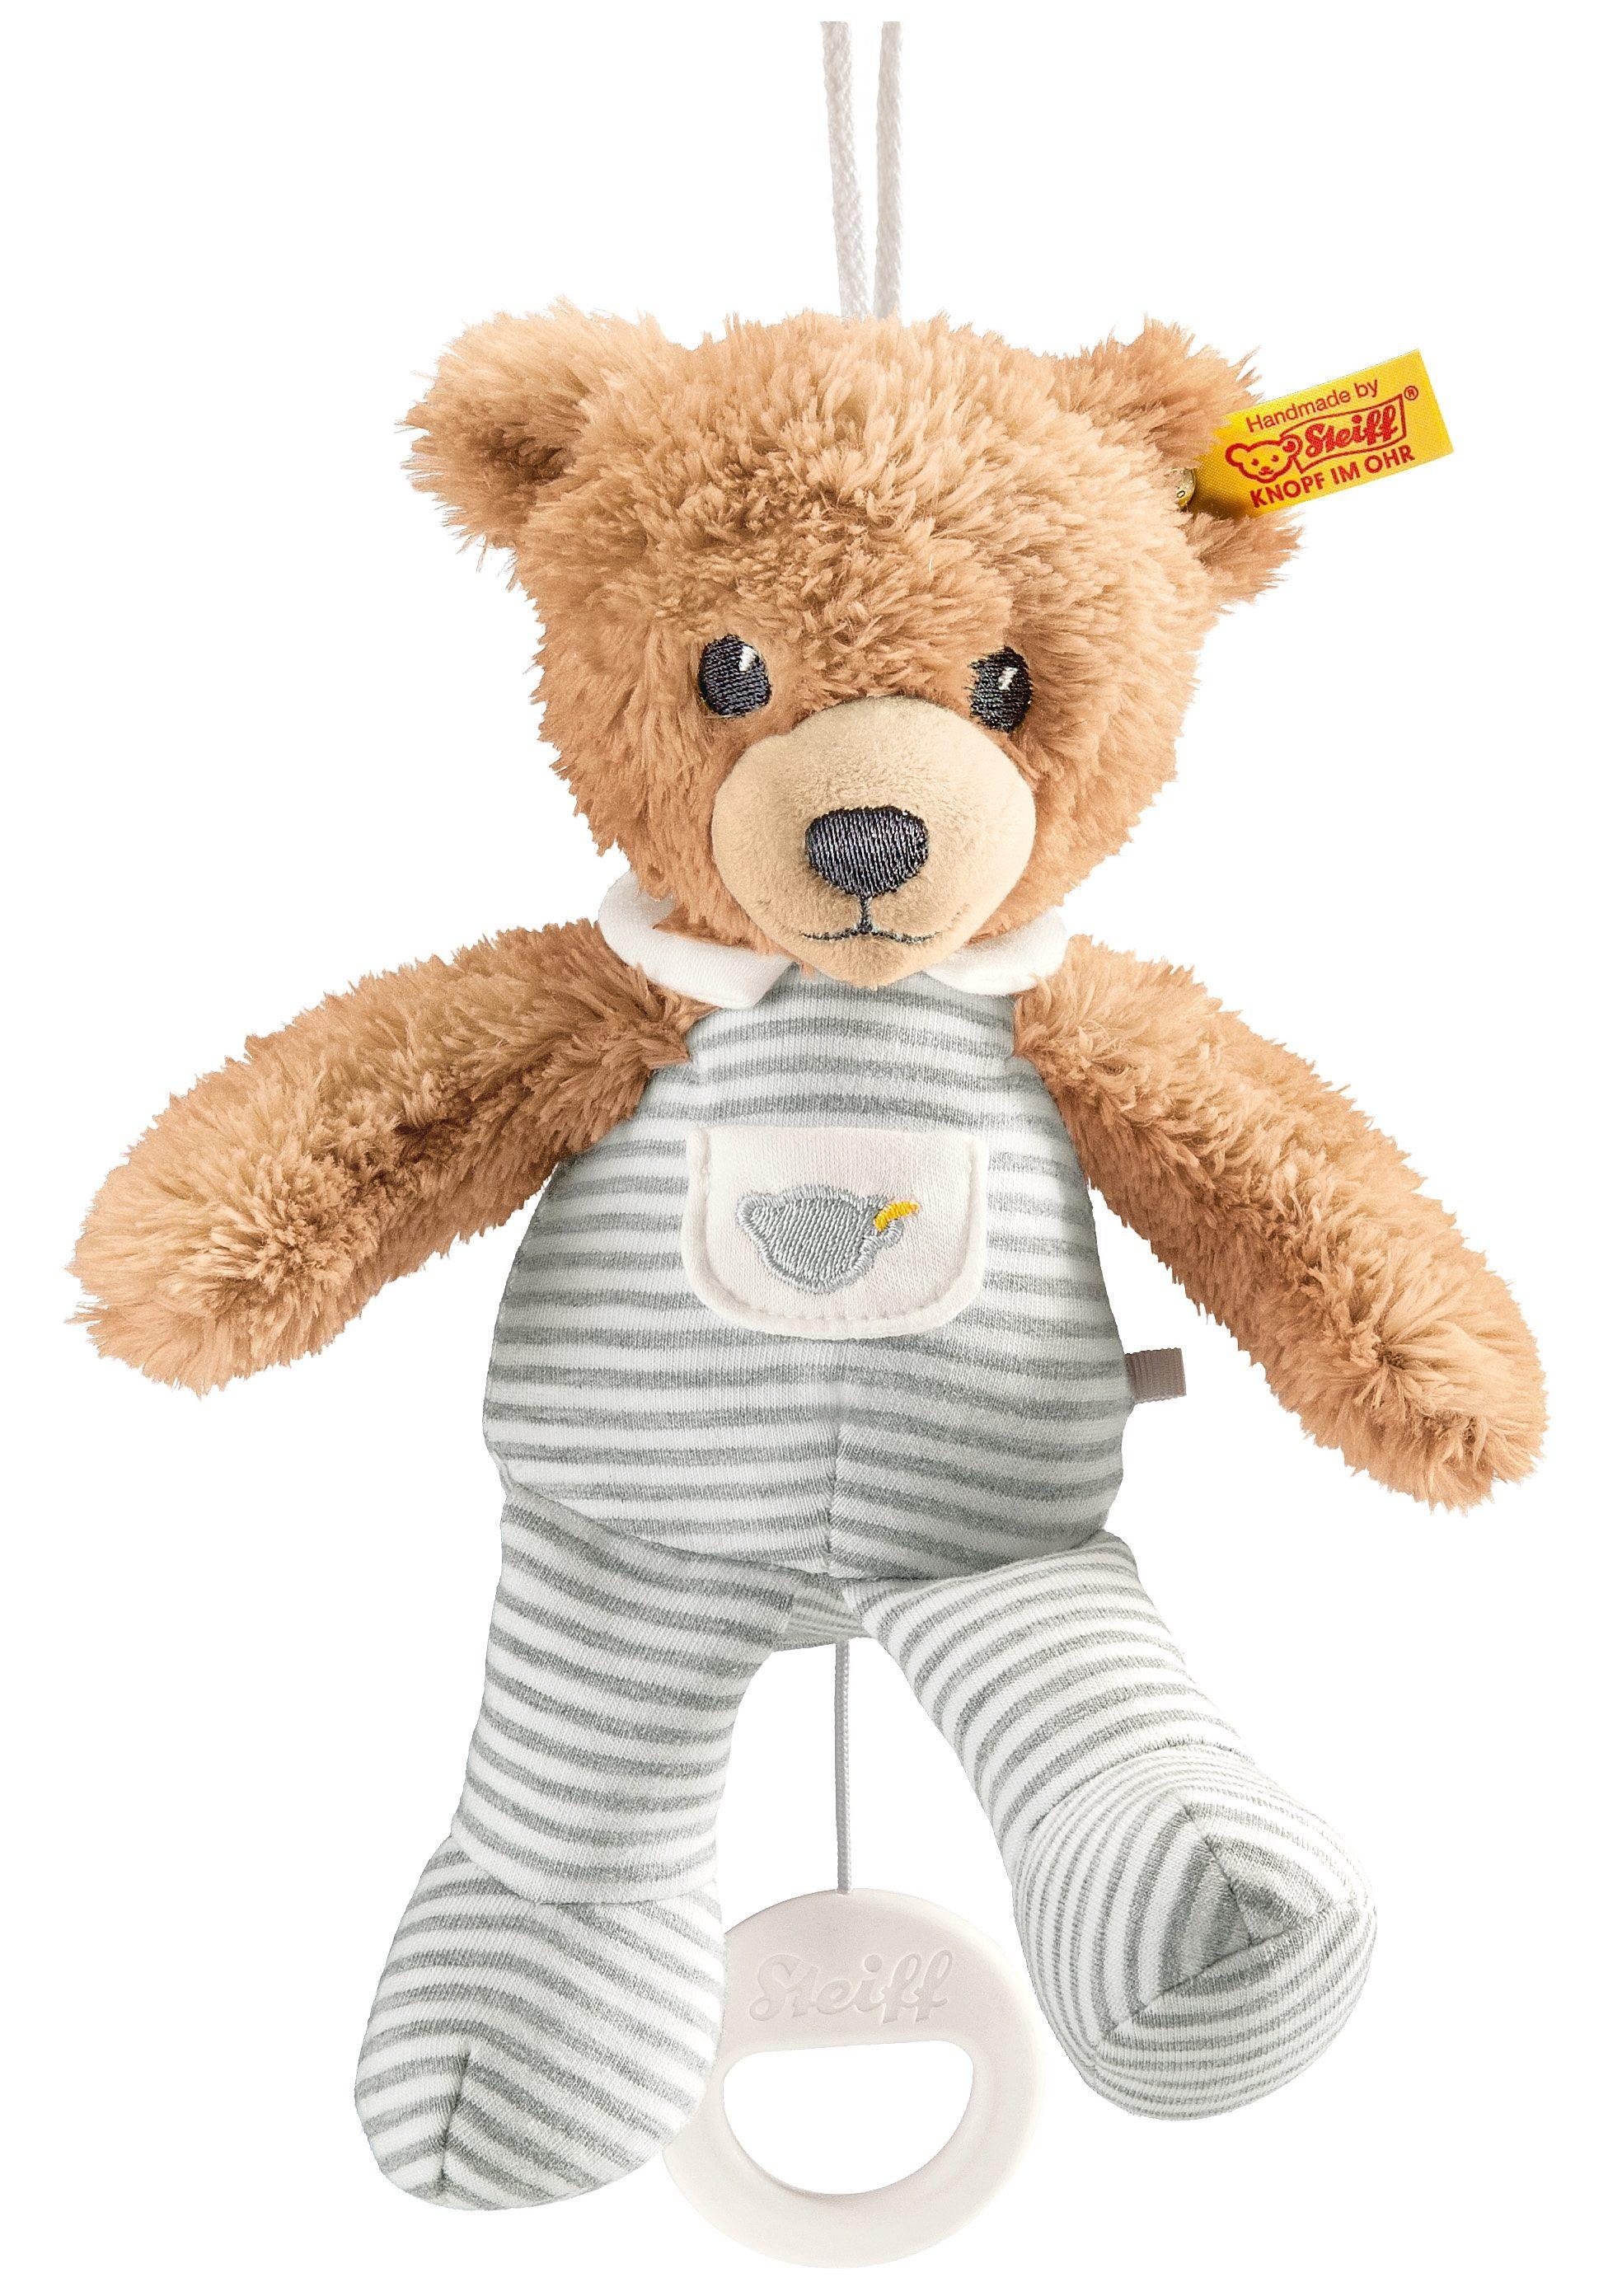 Steiff Teddy Bär Schlaf gut frottee Schmusetuch Kuscheltuch Schnuffeltuch 28cm